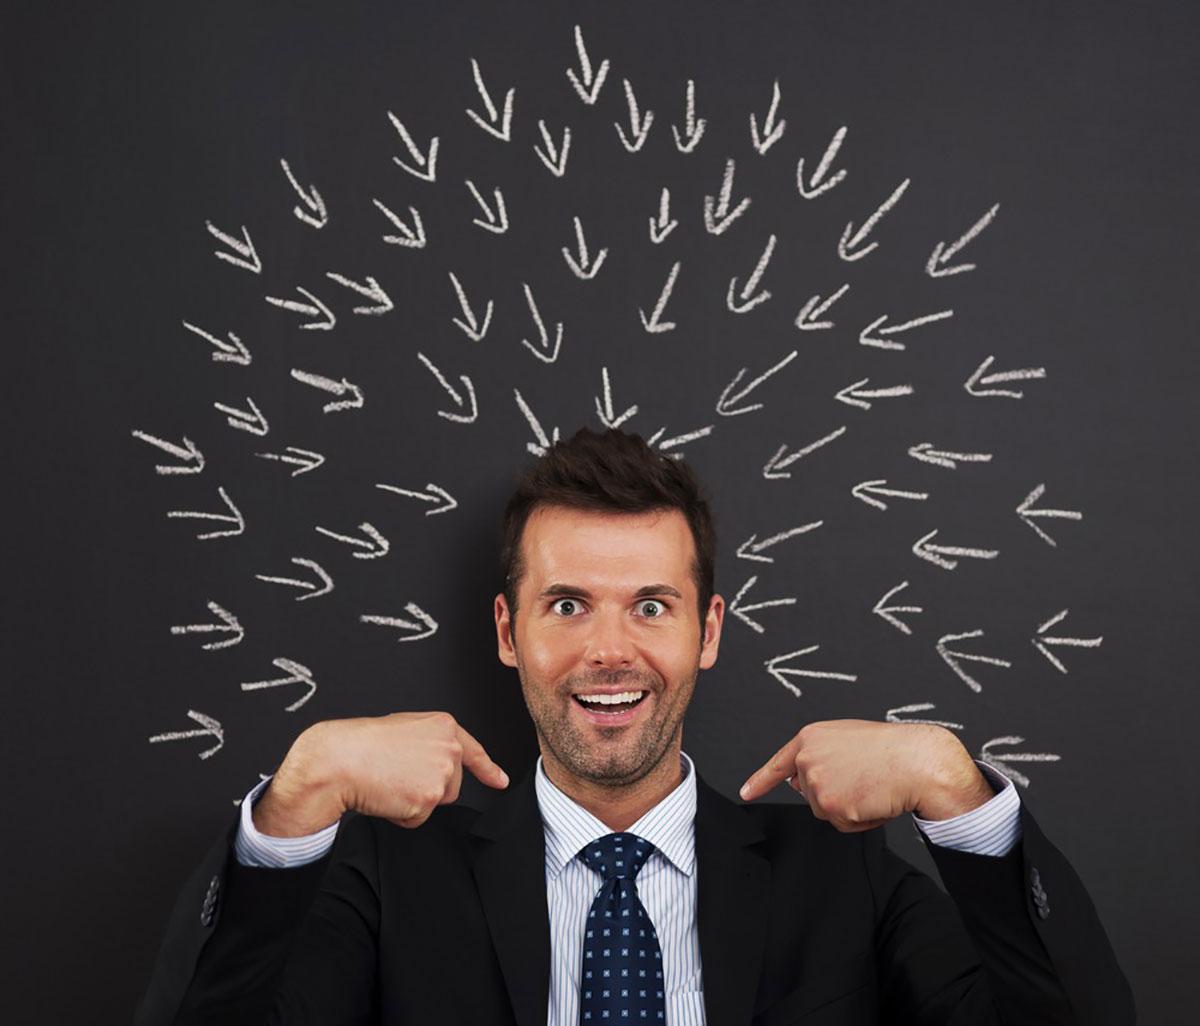 راز های موفقیت از آدمهای موفق (2) ویدیو انگیزشی